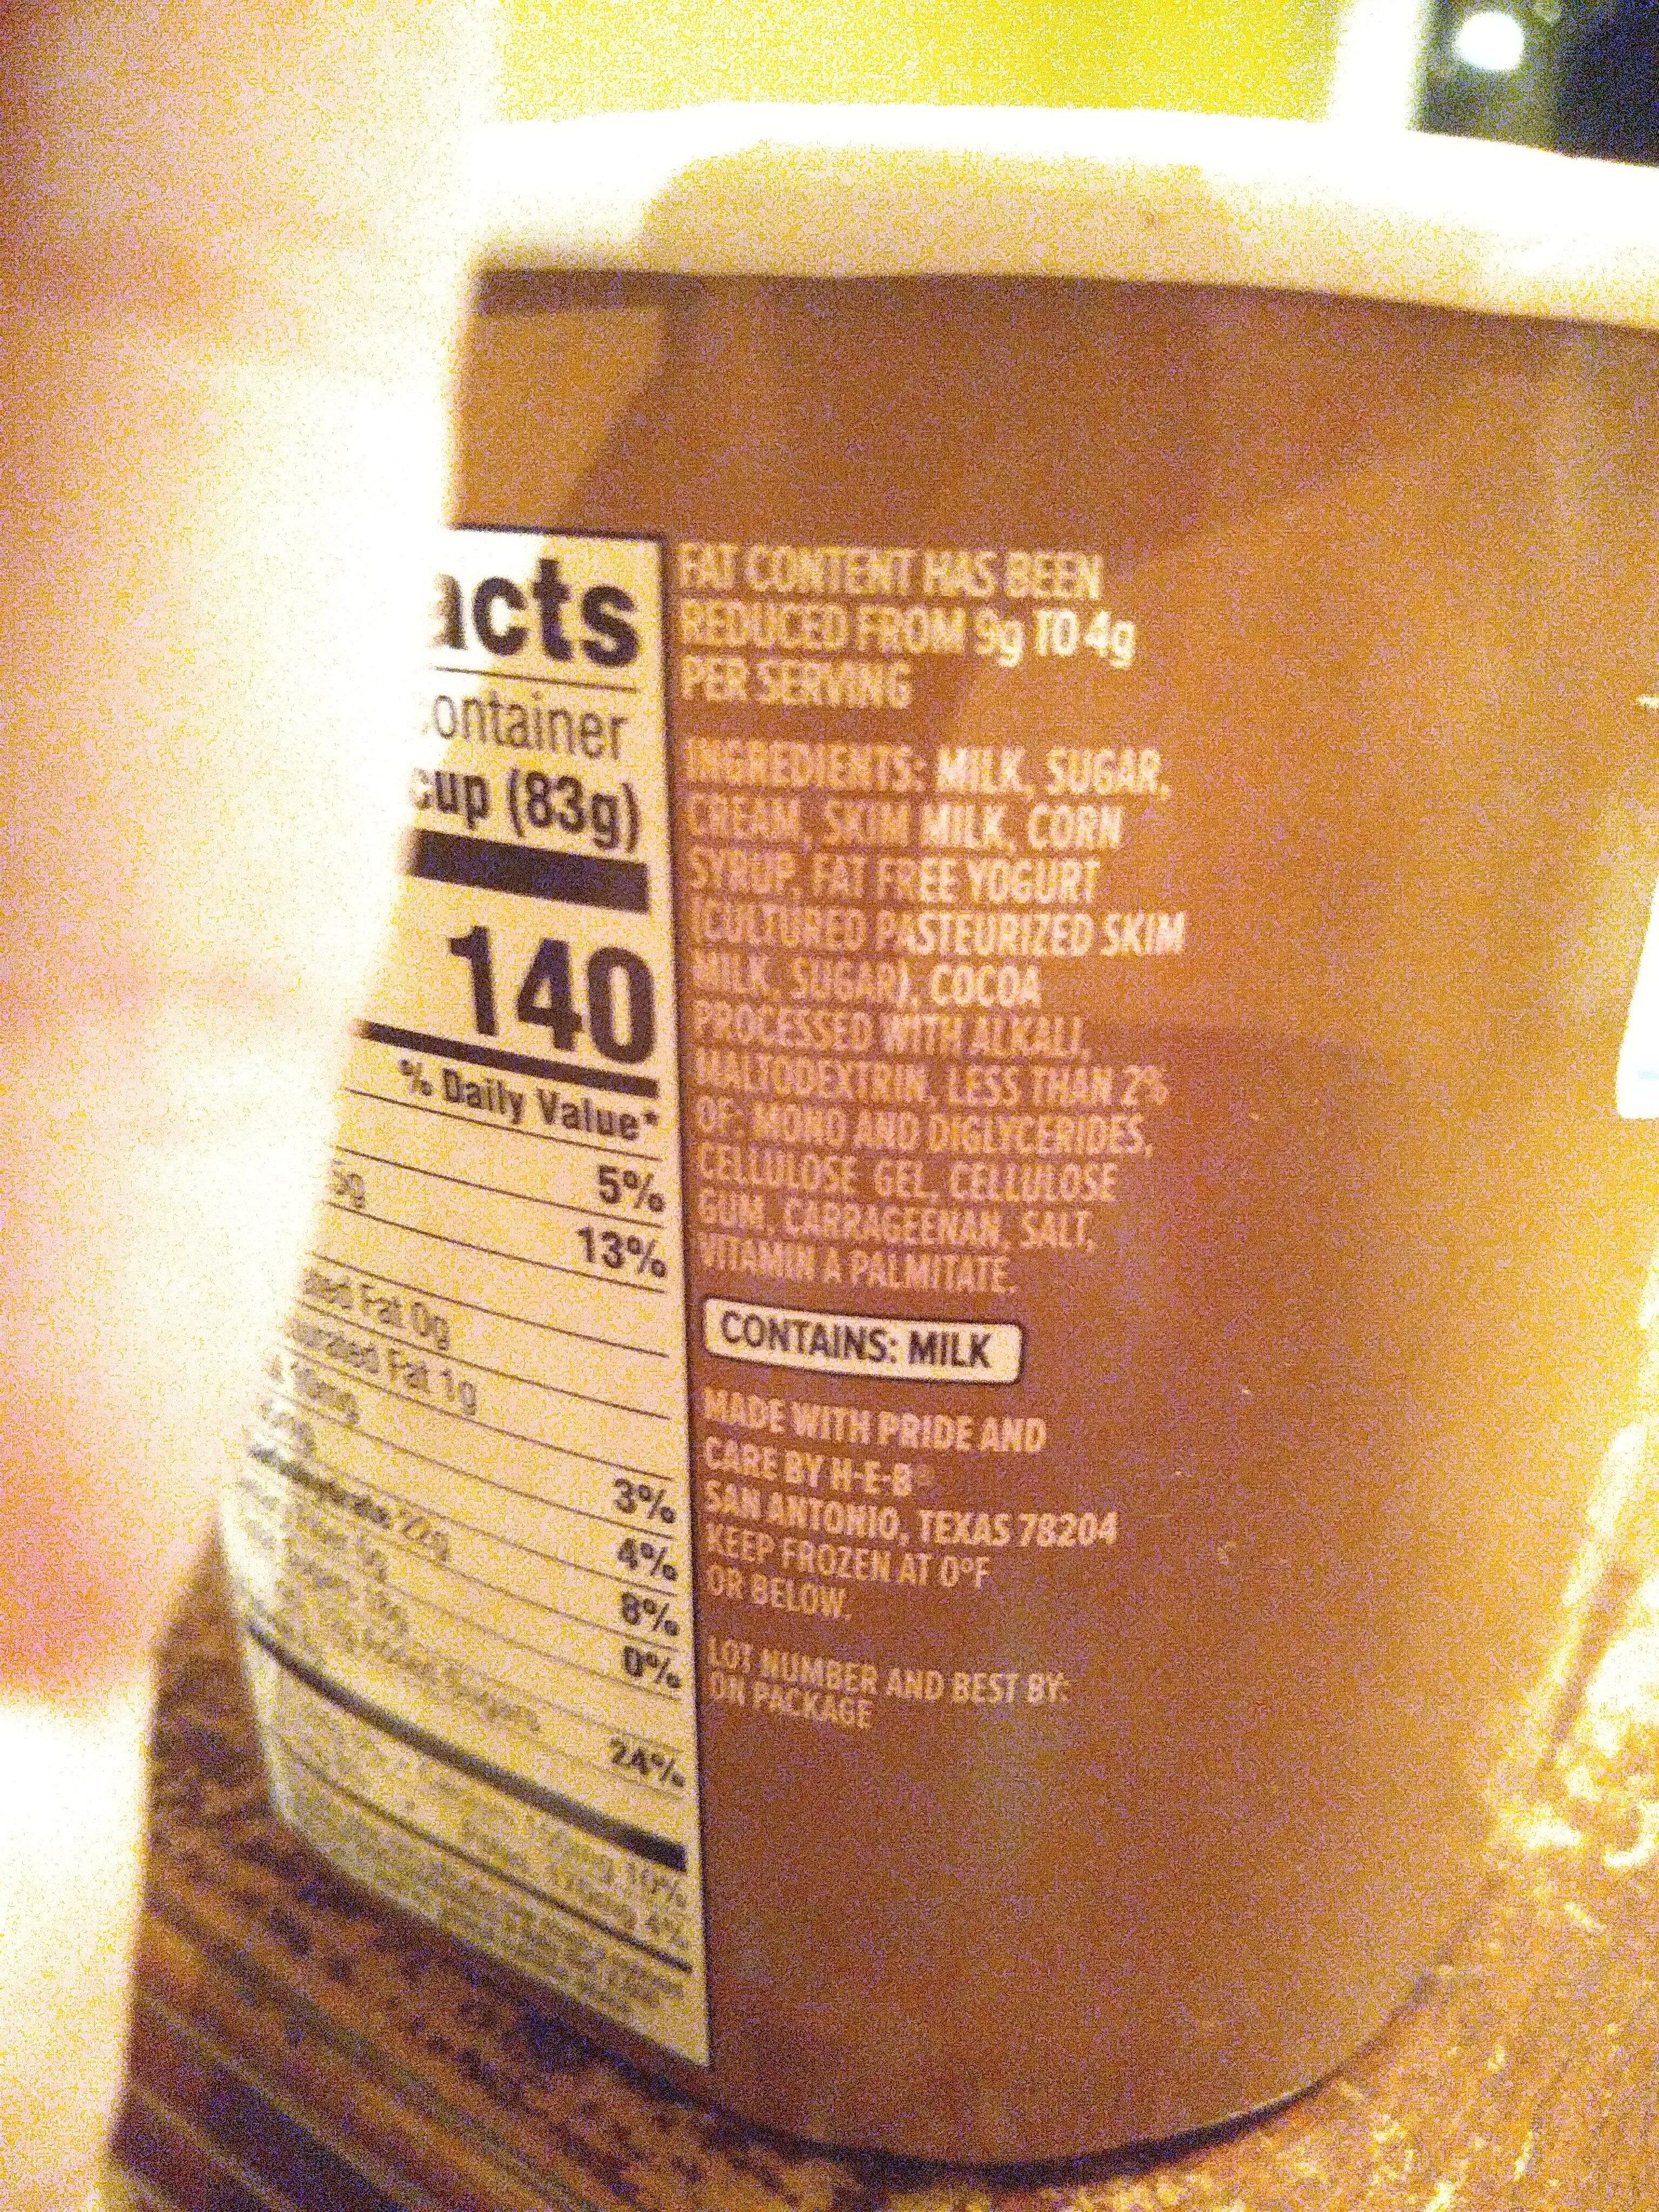 creamy creations chocolate frozen yogurt - Ingredients - en